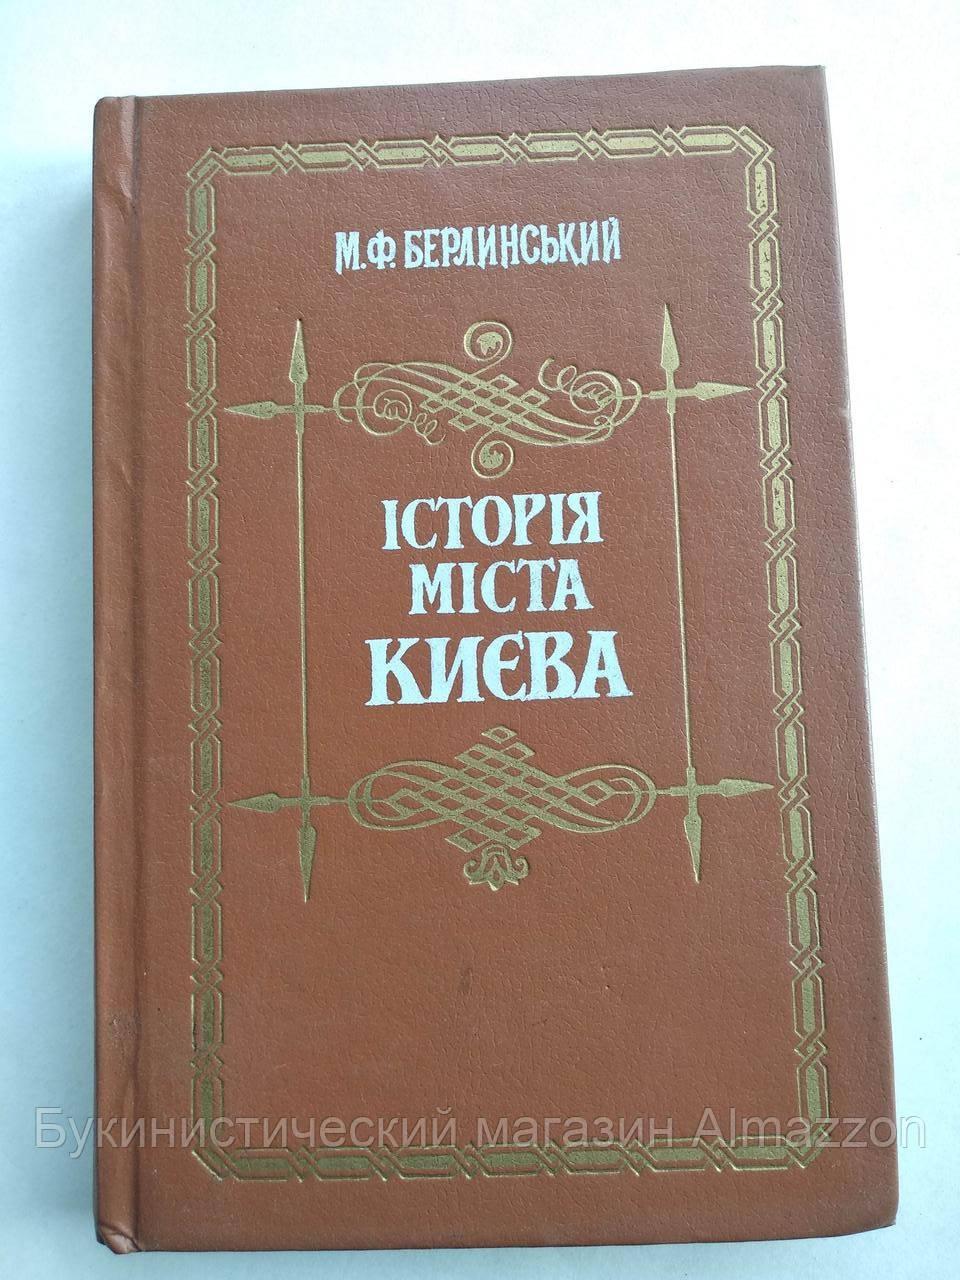 Історія міста Києва М.Берлинський